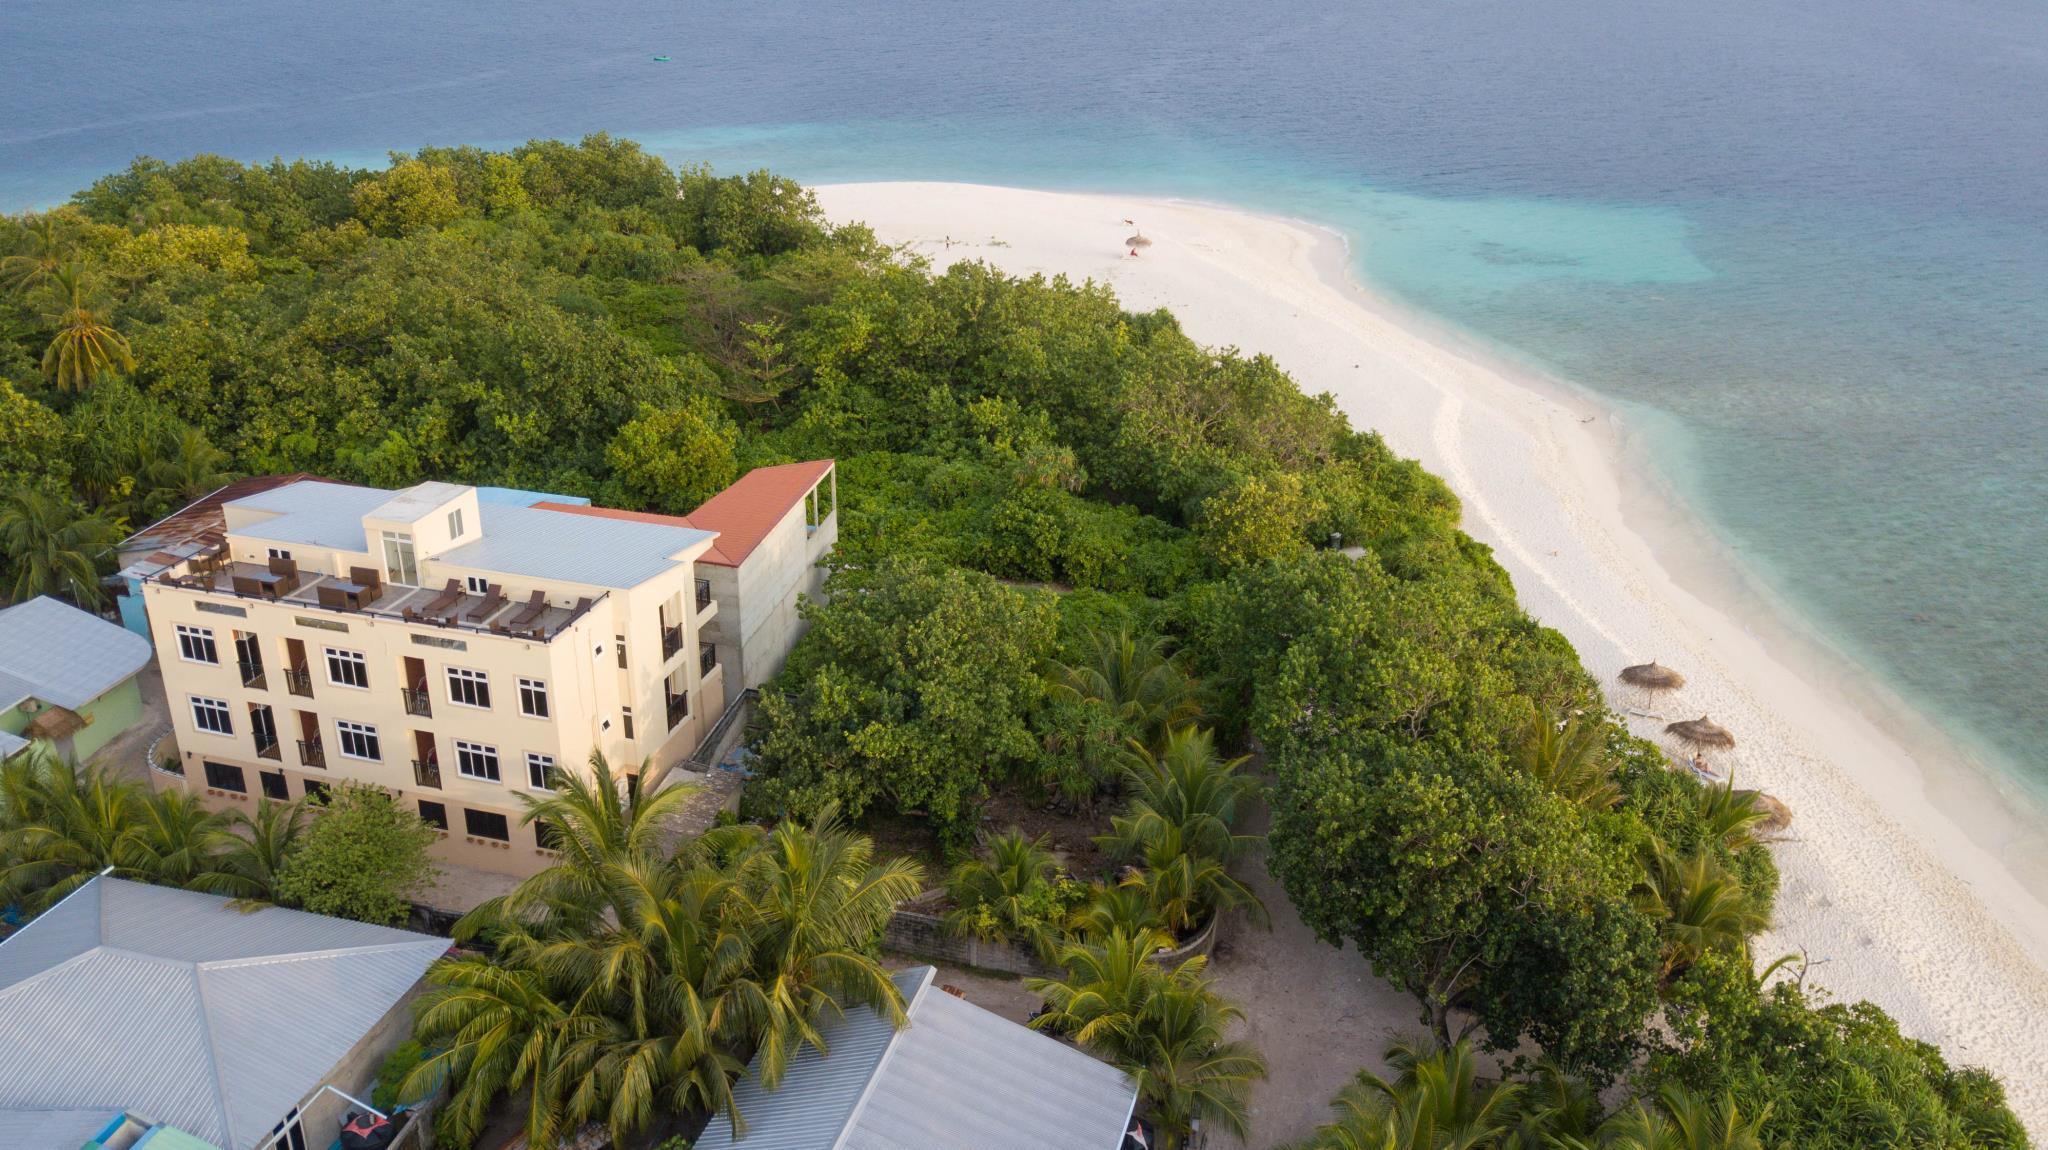 Paguro Beach Inn Maldives Islands Maldives